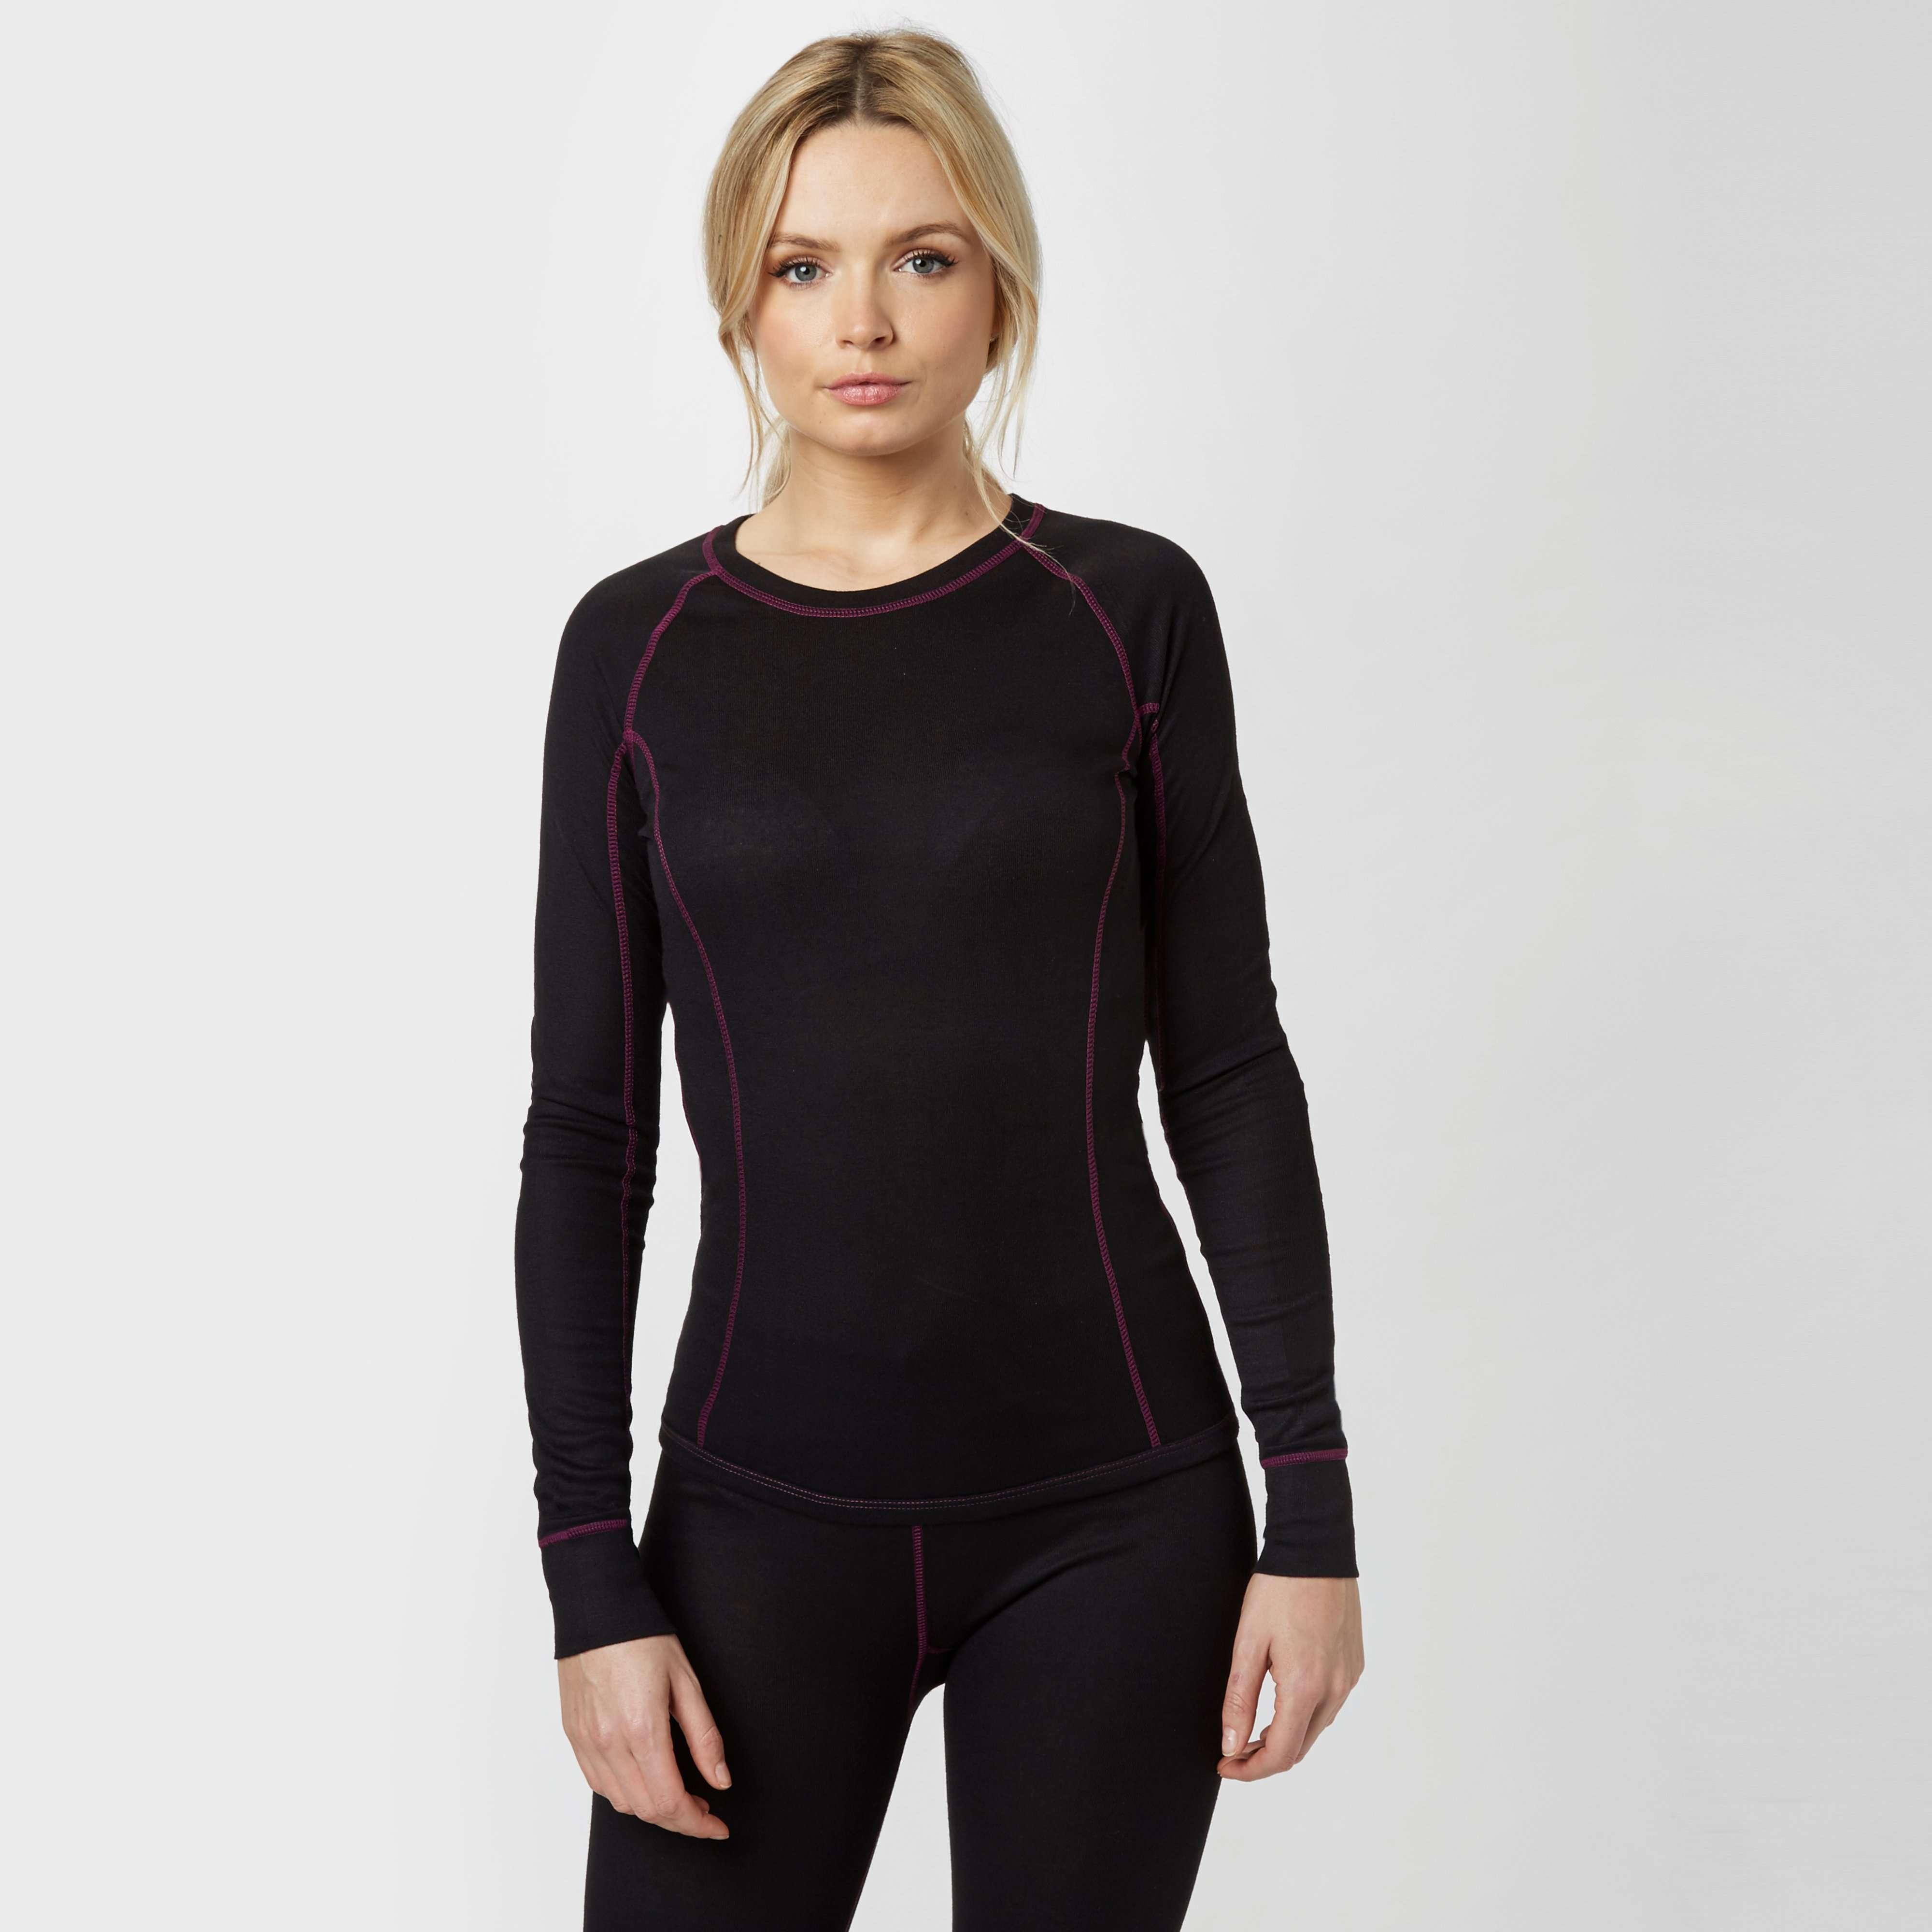 ALPINE Women's Thermal Underwear Set